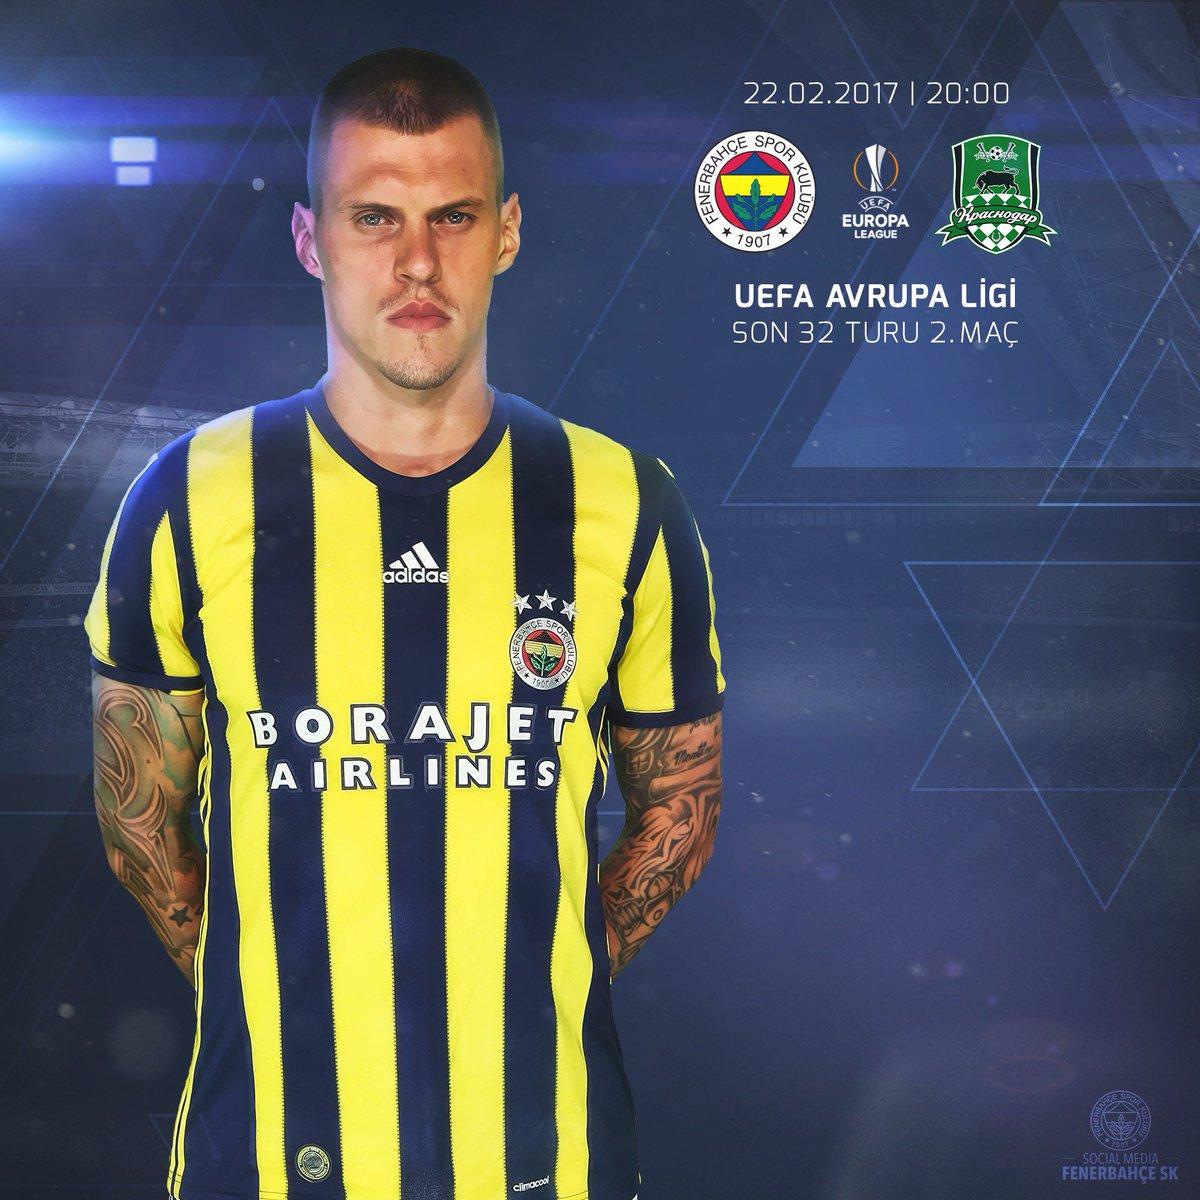 Başarılar #Fenerbahçe! #FBSKvsFCK @EuropaLeague